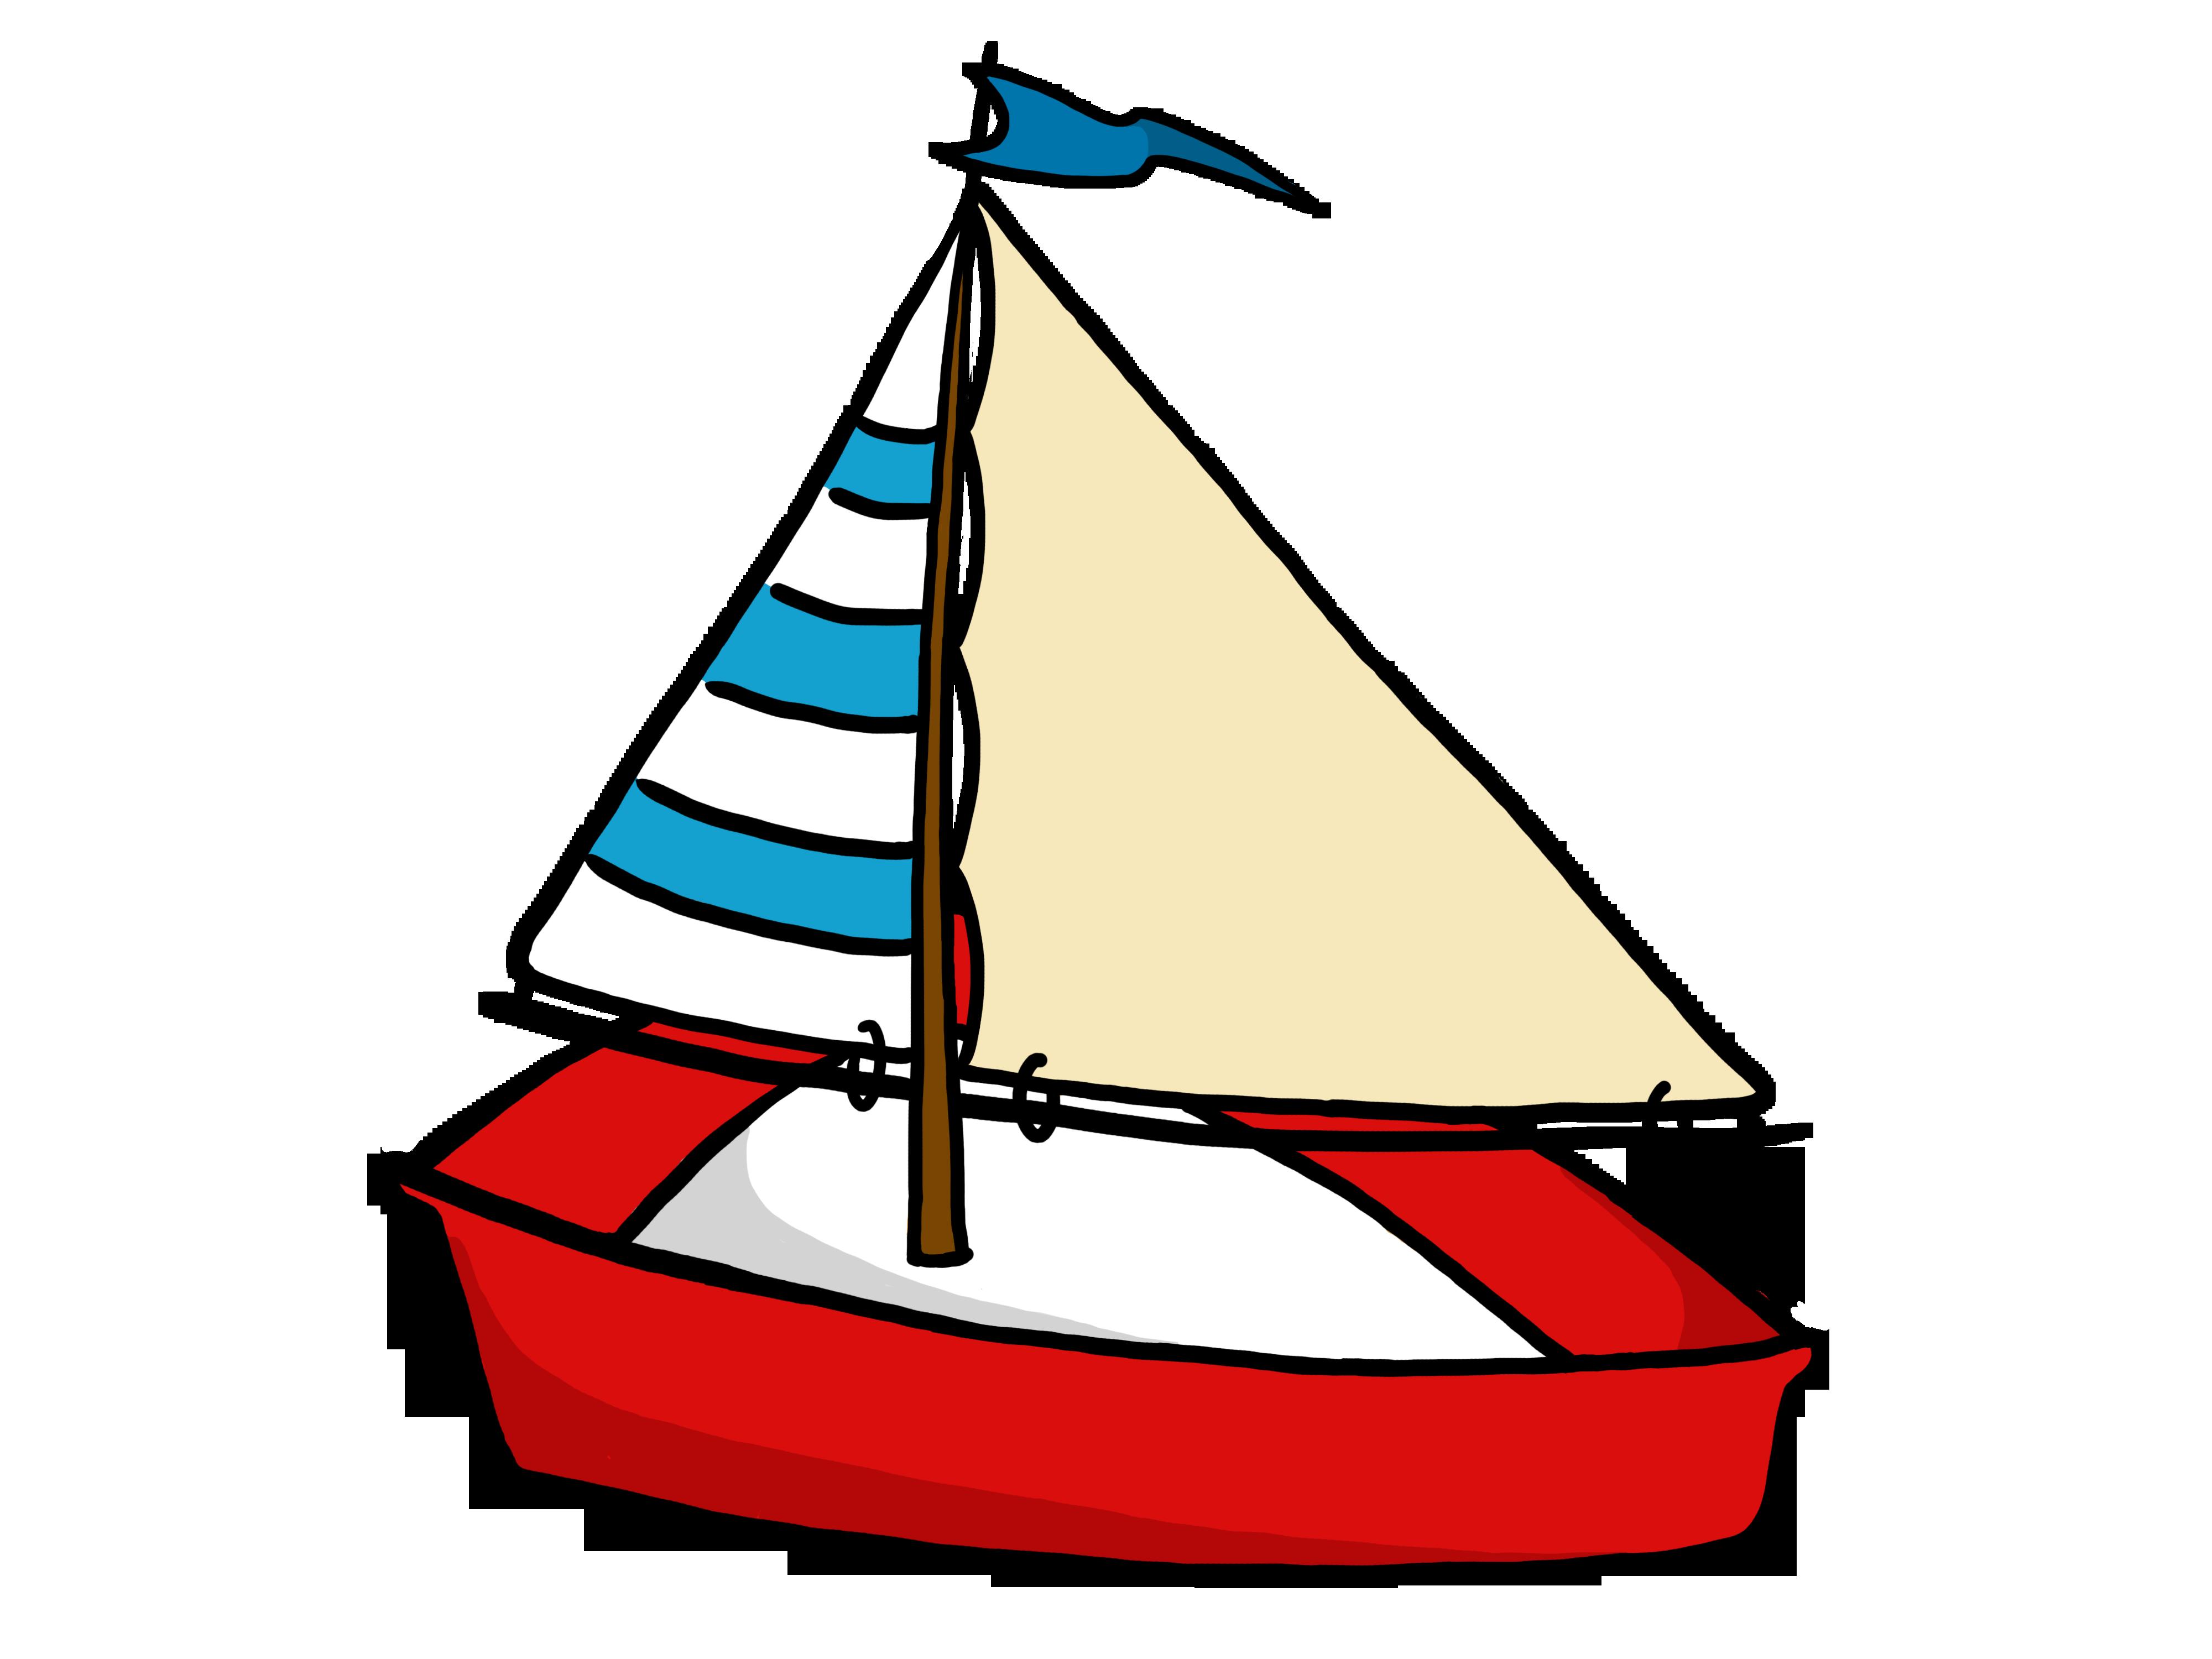 Boat clipart. Sailing ship at getdrawings